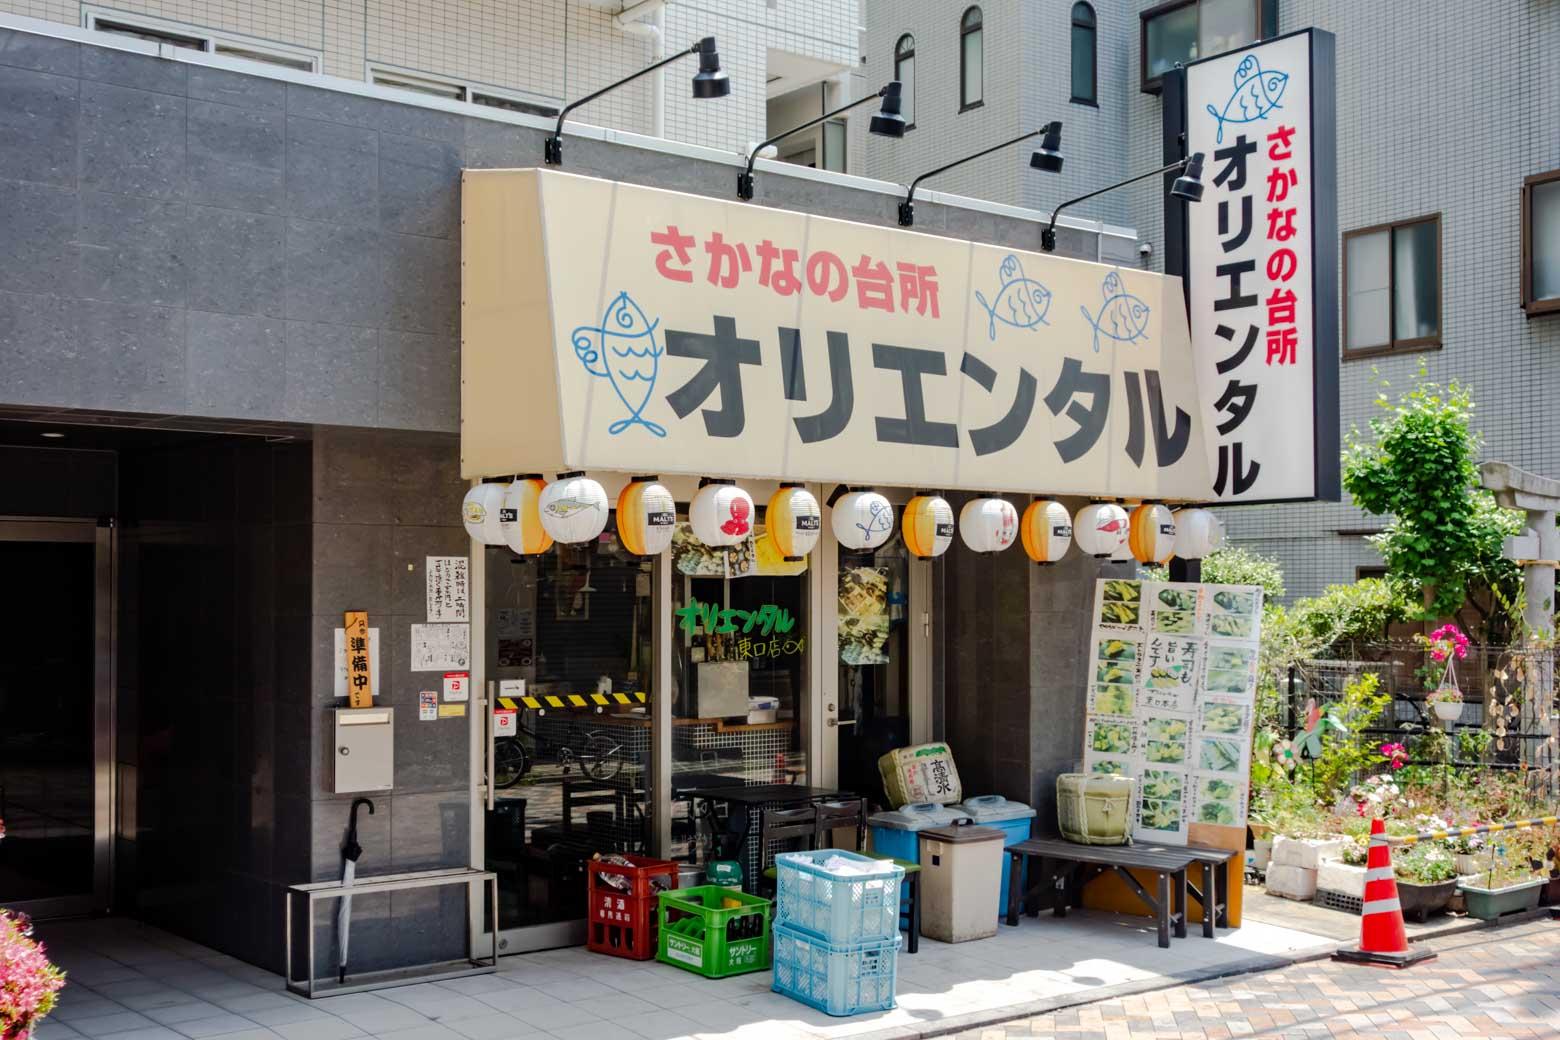 人気の海鮮居酒屋。料理があまりにも美味しくて魚みたいに跳ね上がりそうになりました。